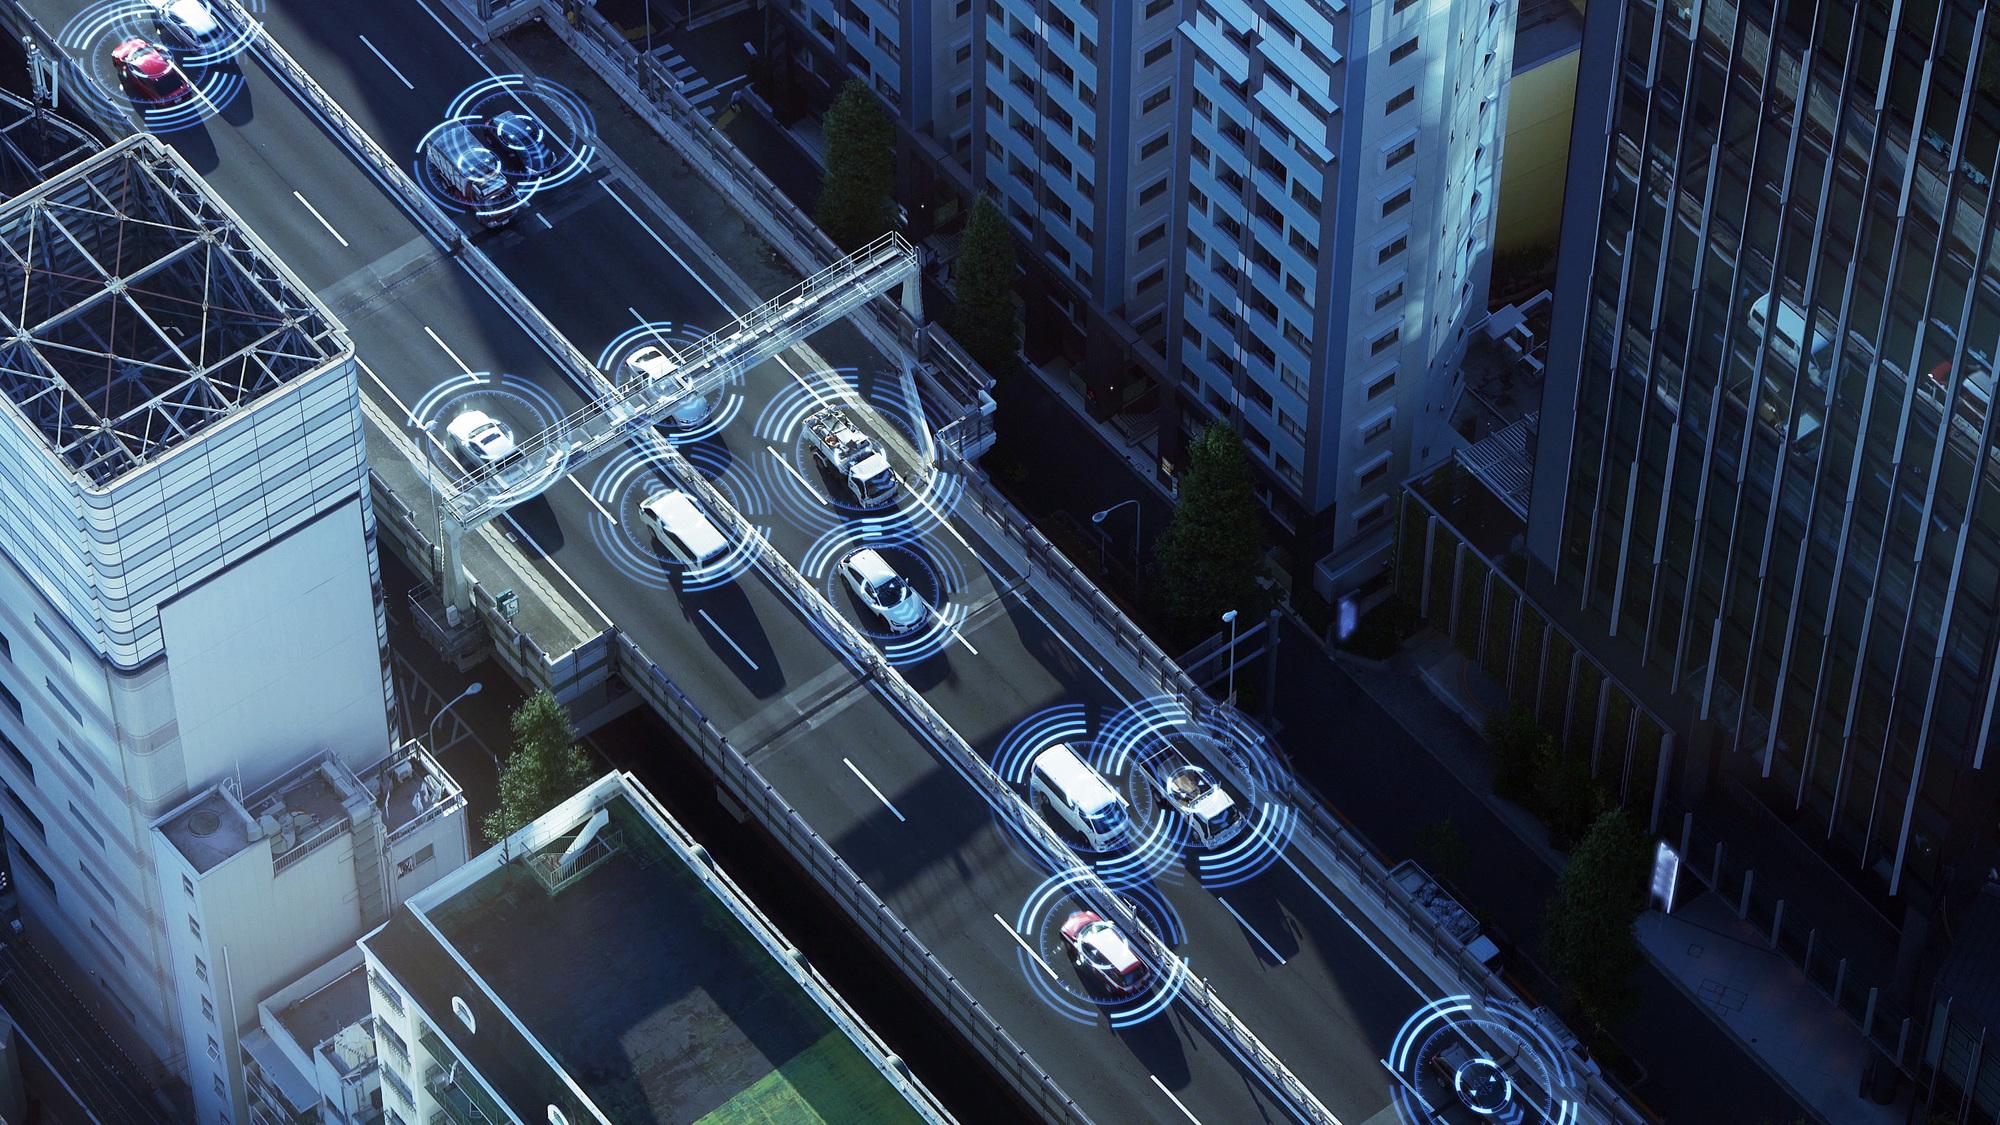 08.5Gの基礎用語「ミリ波」とは?特徴や必要性、基地局の構造をわかりやすく解説!